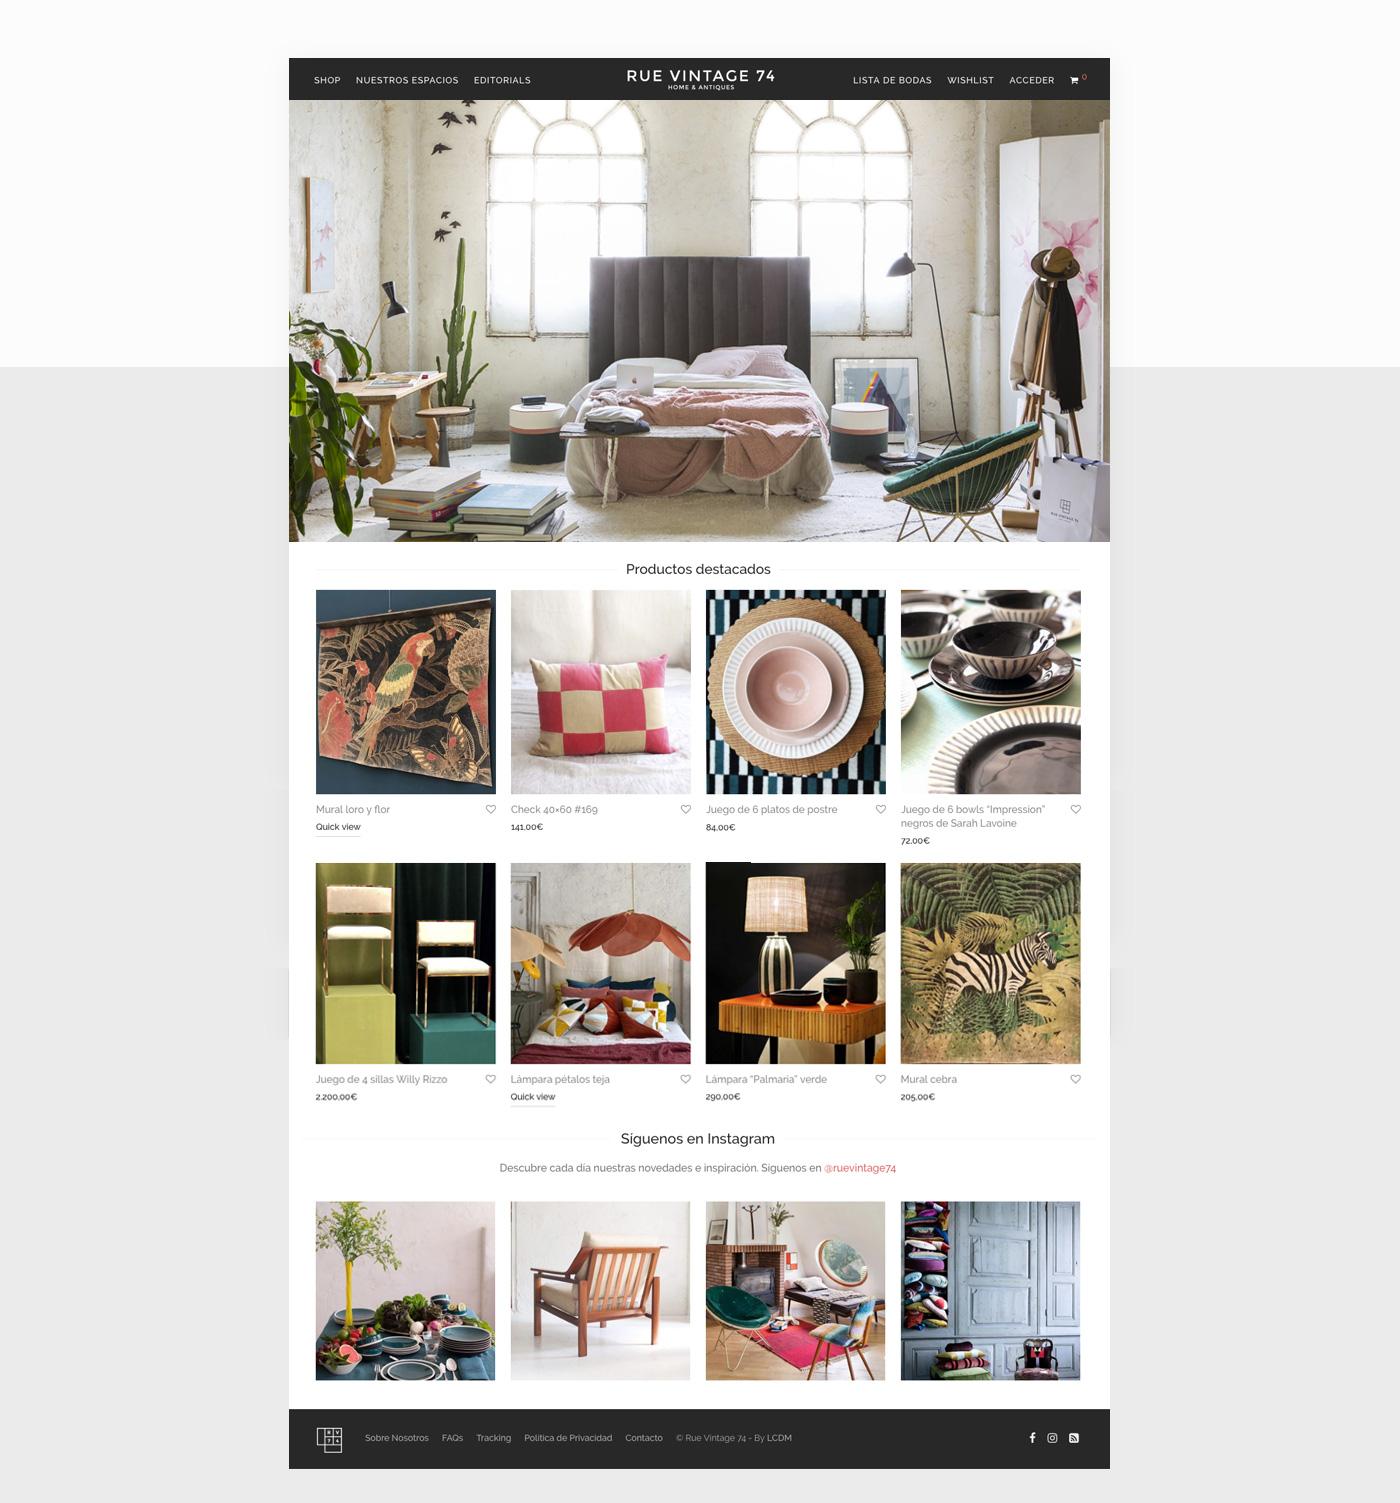 diseño de tienda online de decoración